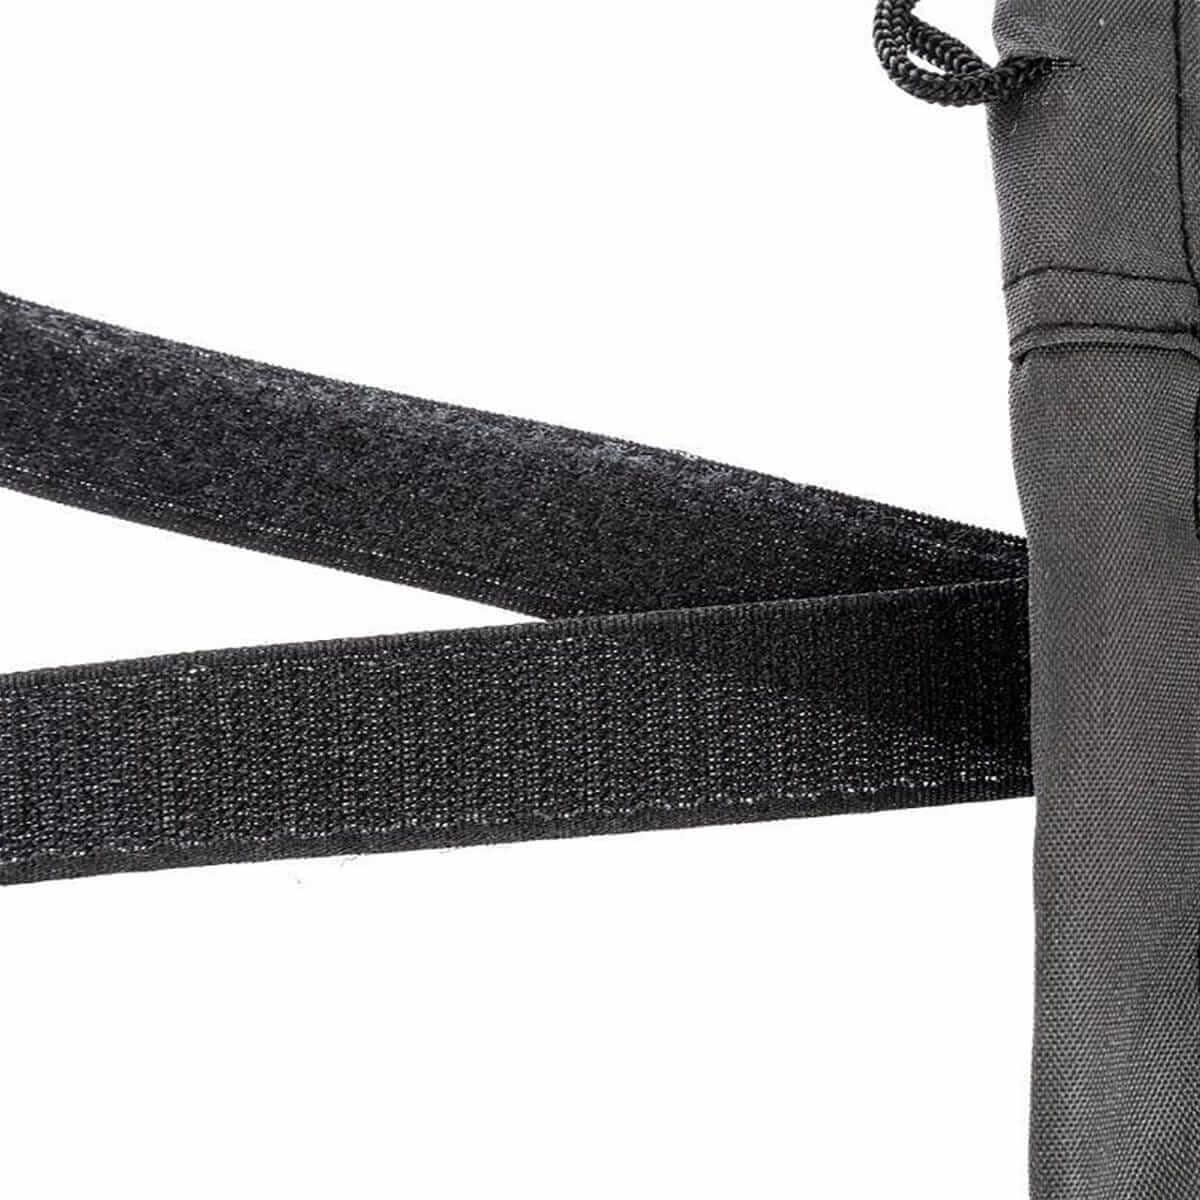 כיסוי לשמשיה רגל צד הכולל מקל הלבשה - תמונה 3